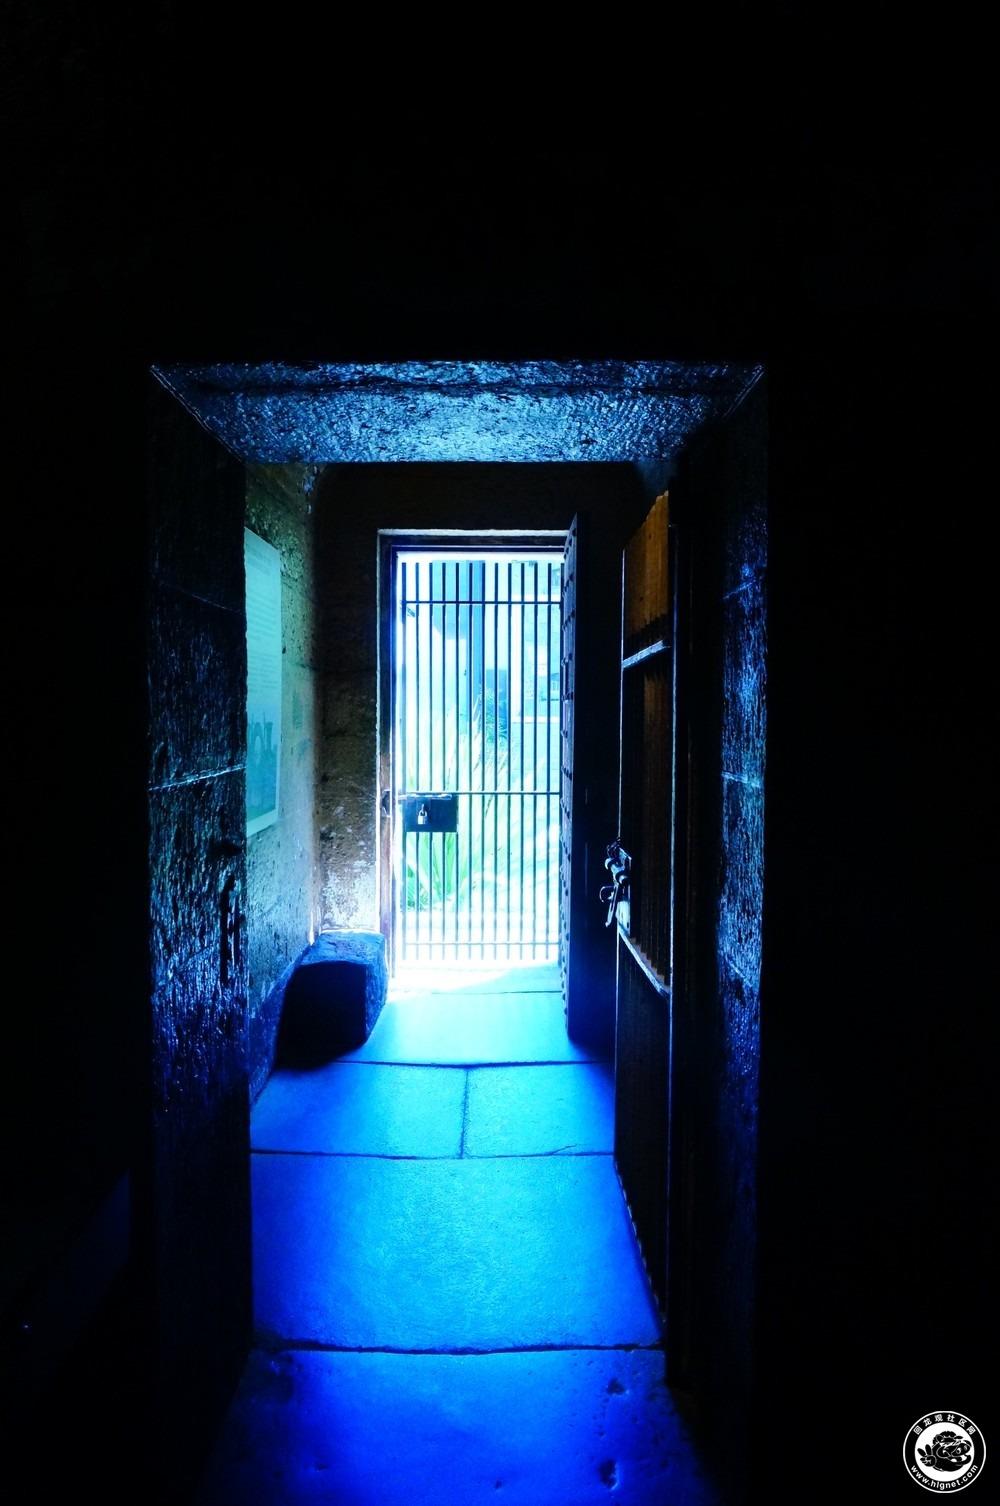 监狱身高拍照背景素材